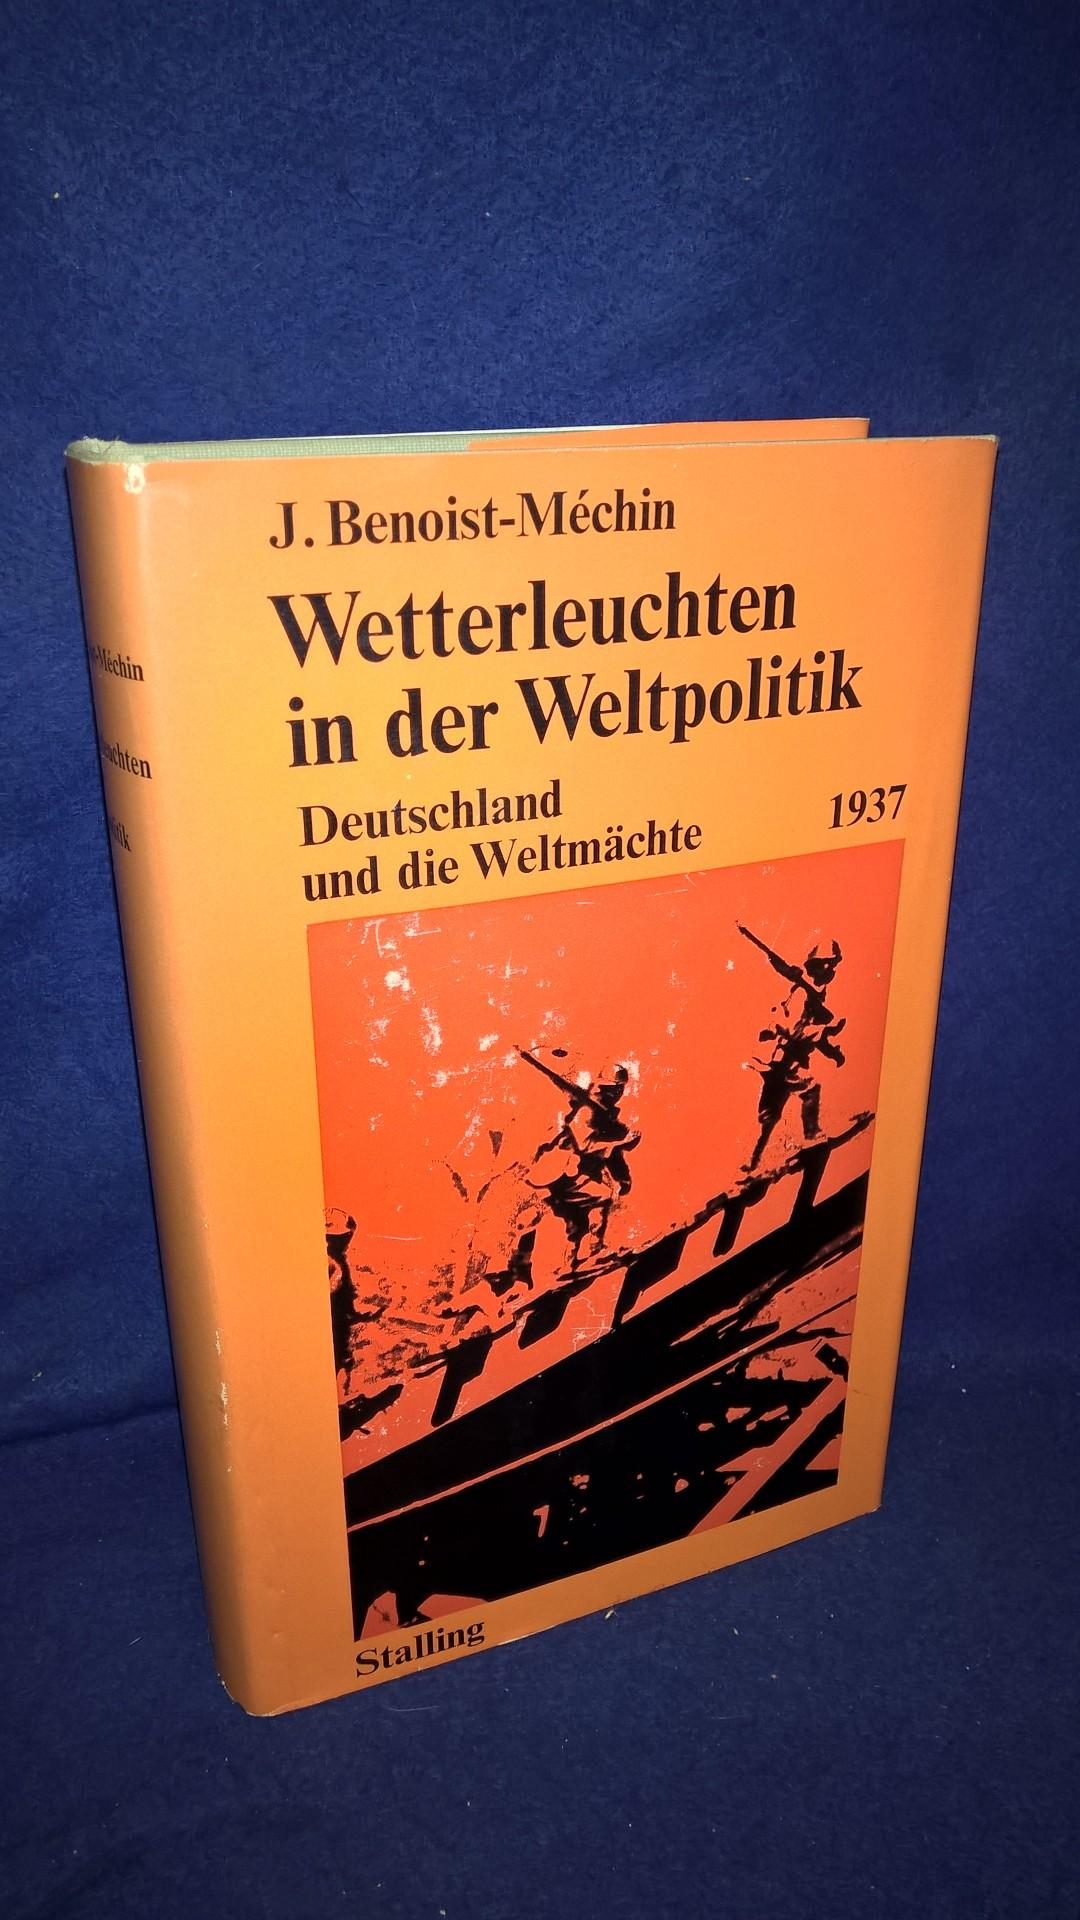 Wetterleuchten in der Weltpolitik - Deutschland und die Weltmächte 1937